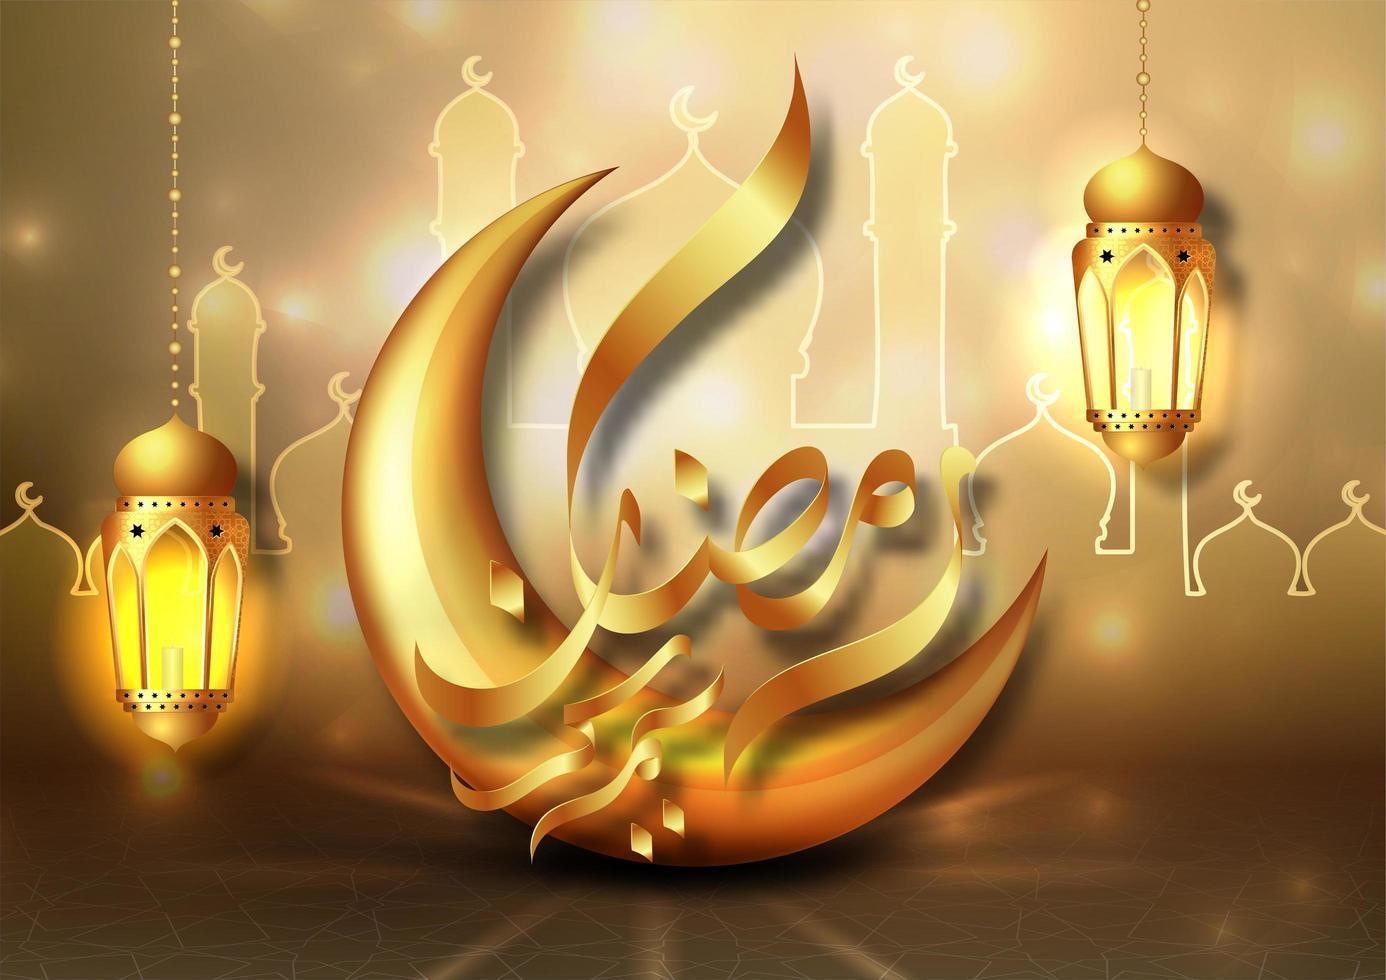 ramadan kareem-kaart met gouden hangende lantaarns vector